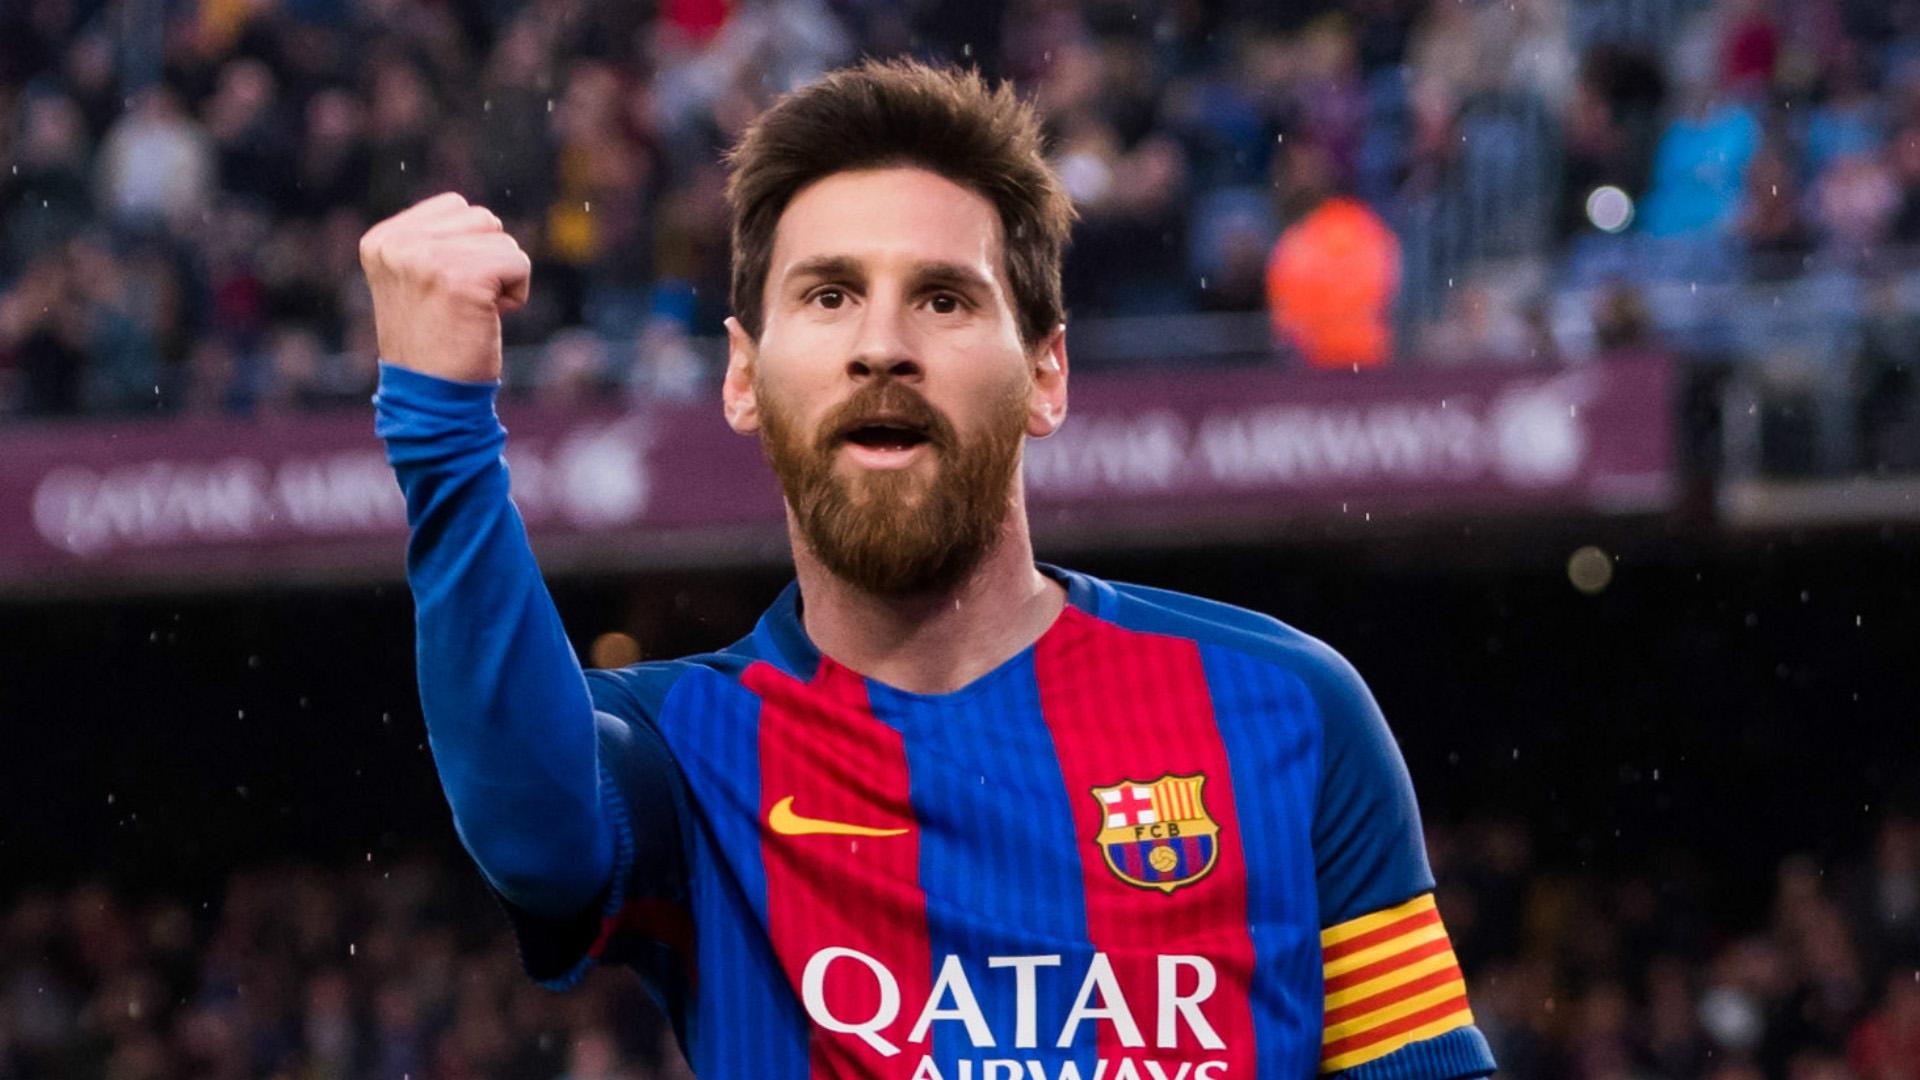 Lo que comió Messi antes de su récord